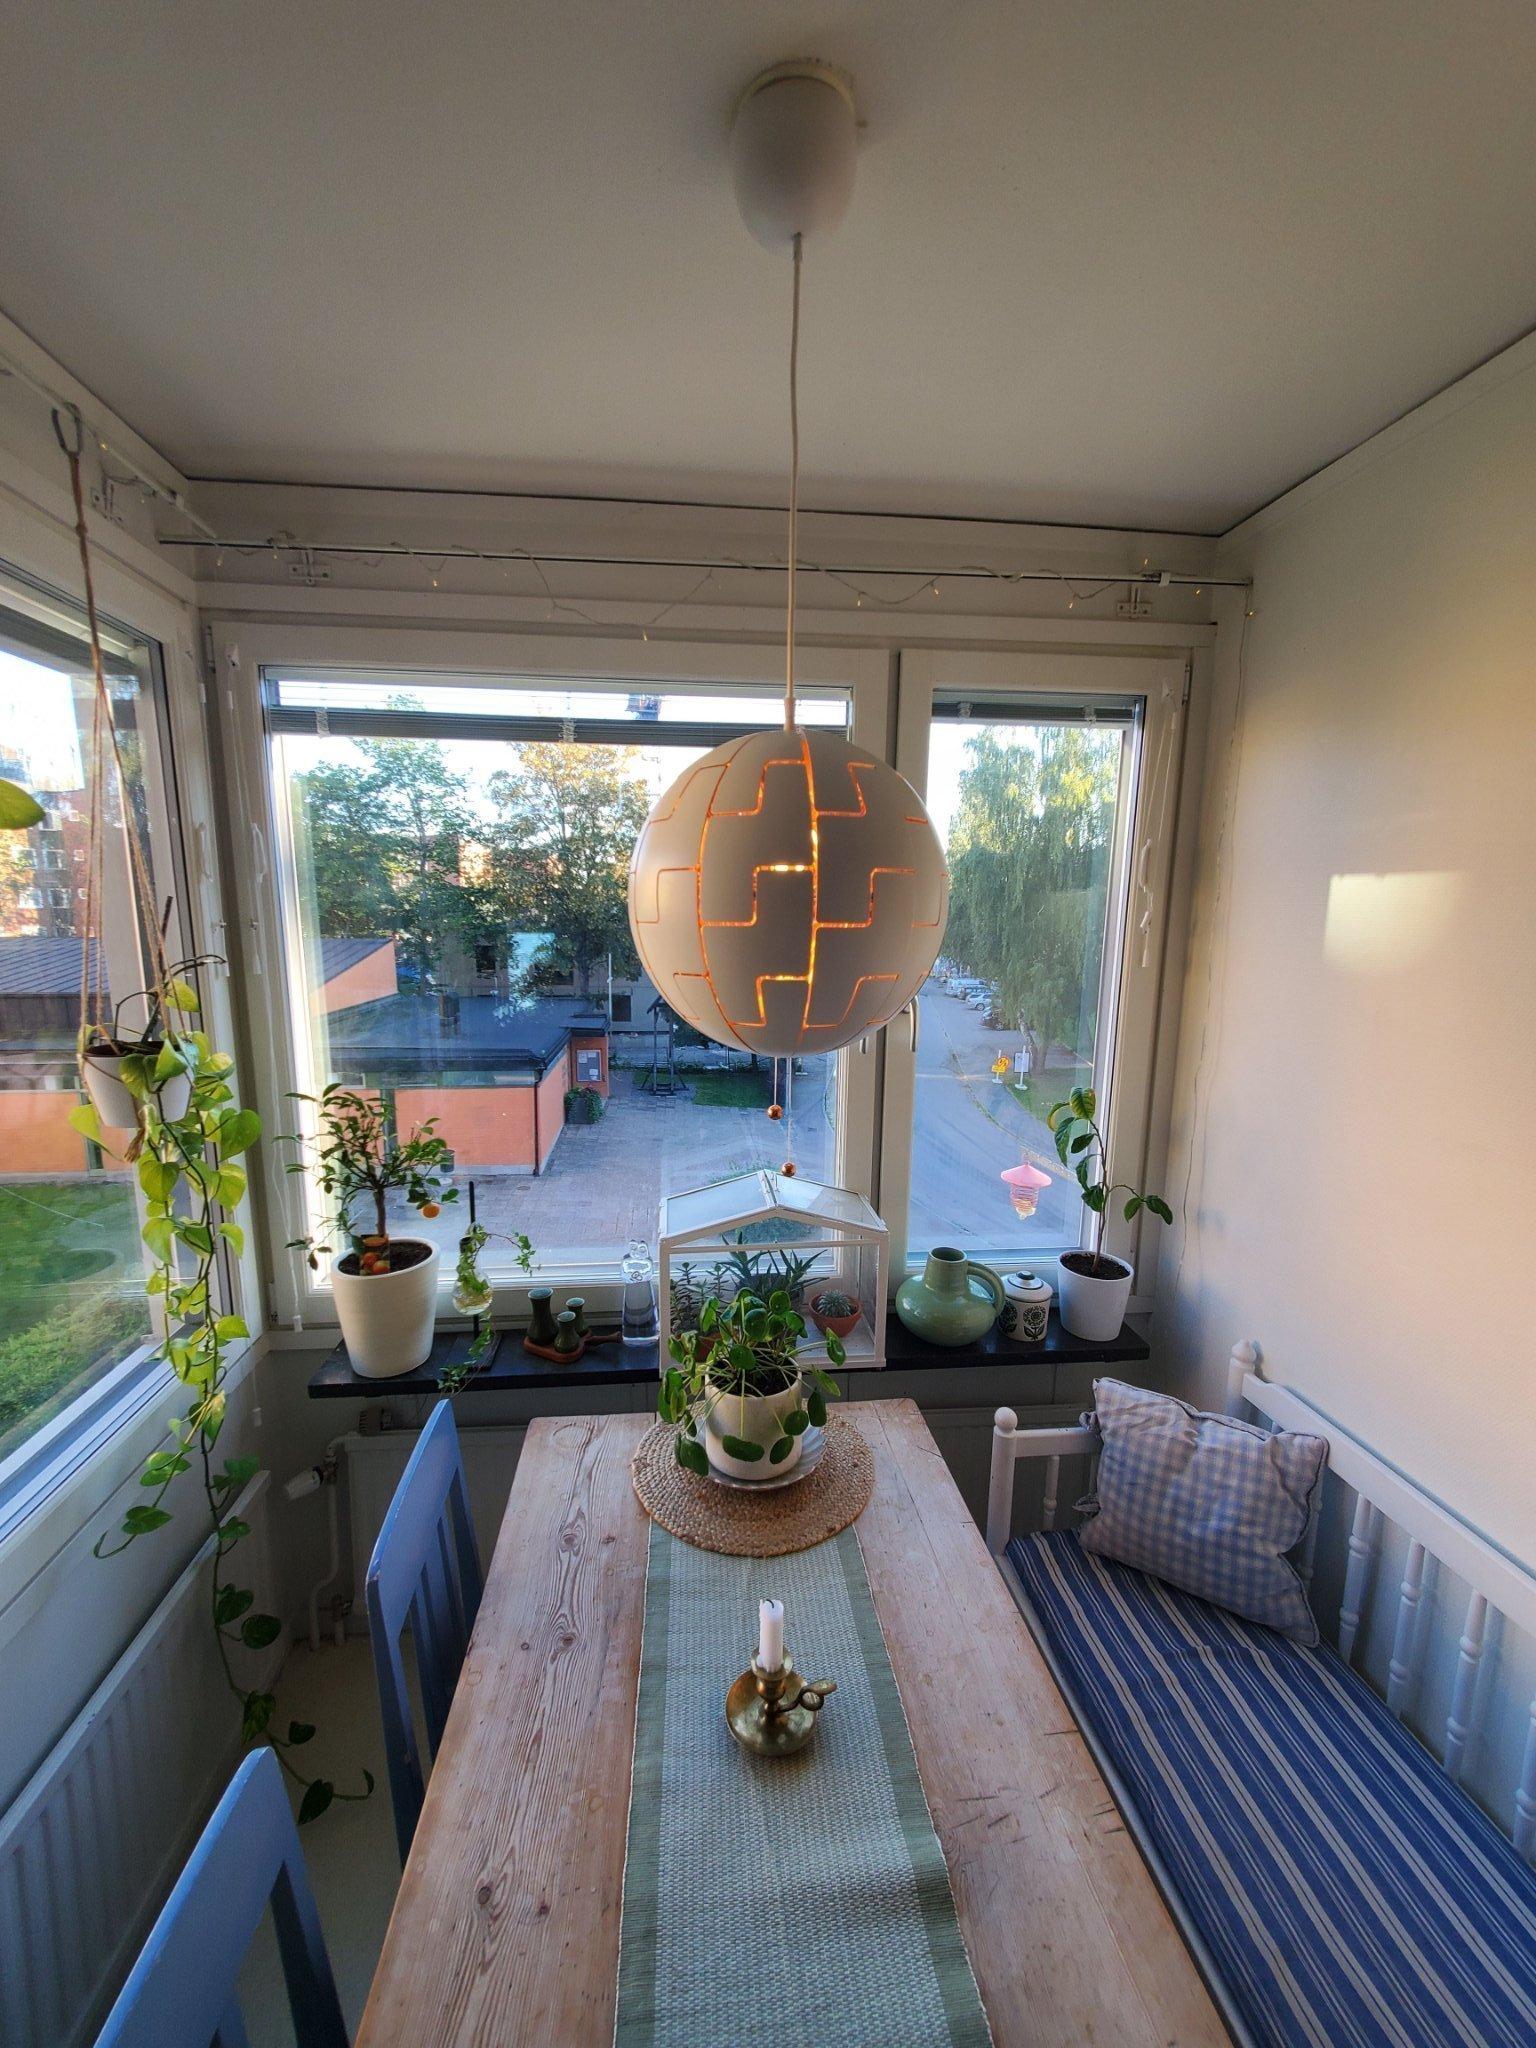 IKEA PS 2014 Lampa Koppar 35 cm (415684488) ᐈ Köp på Tradera